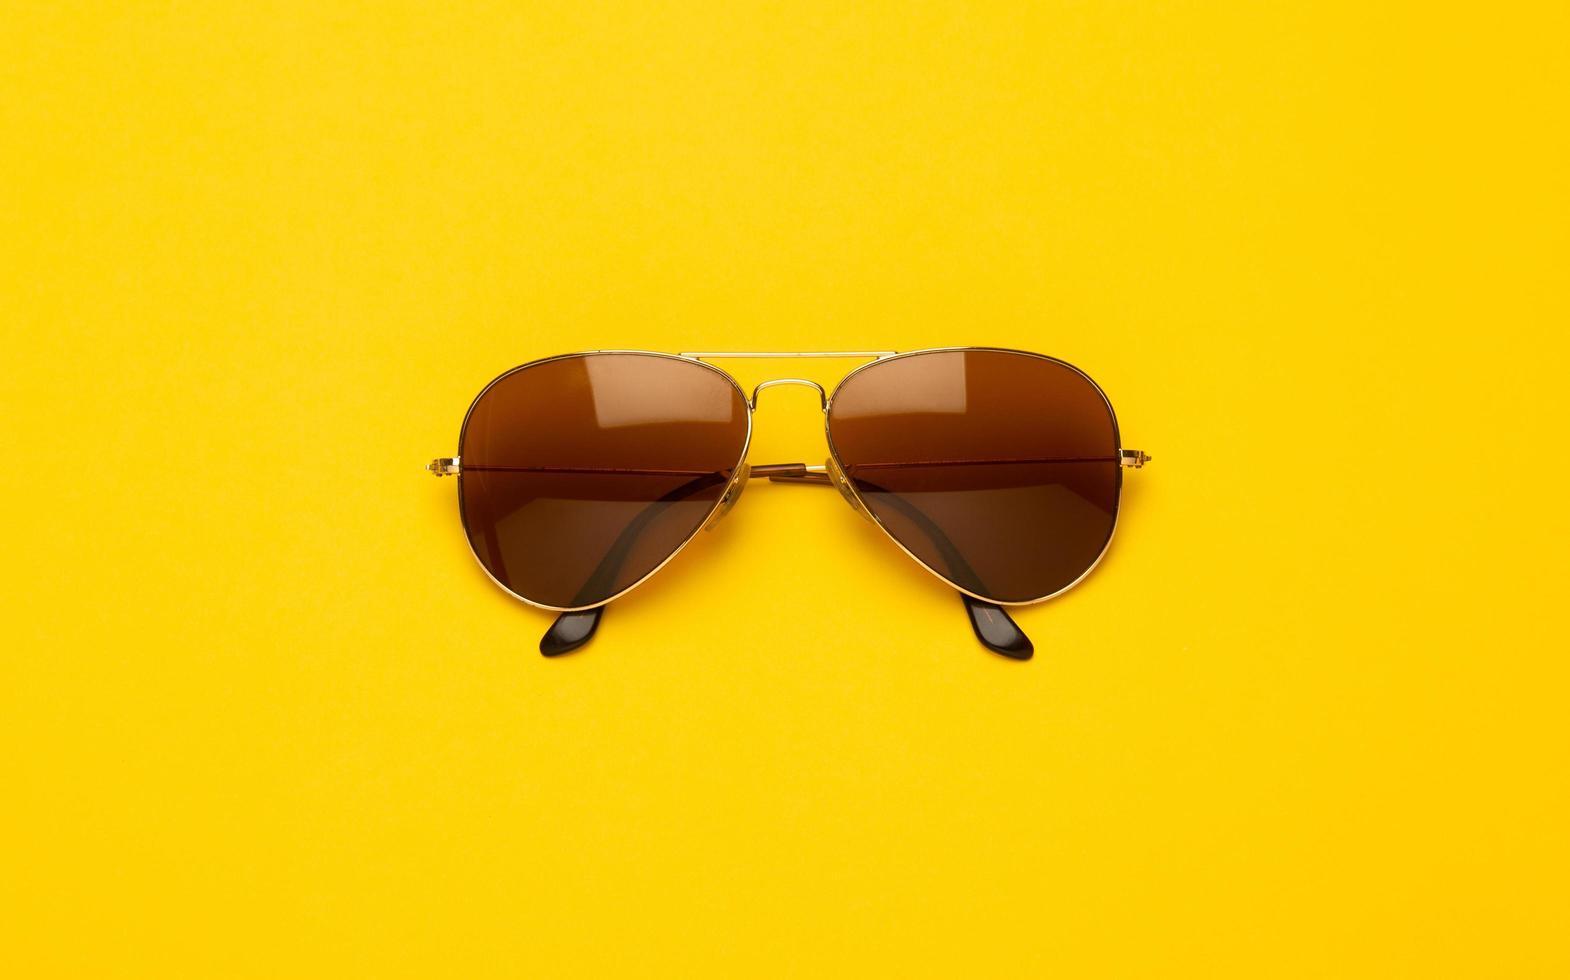 lunettes de soleil marron sur fond jaune photo